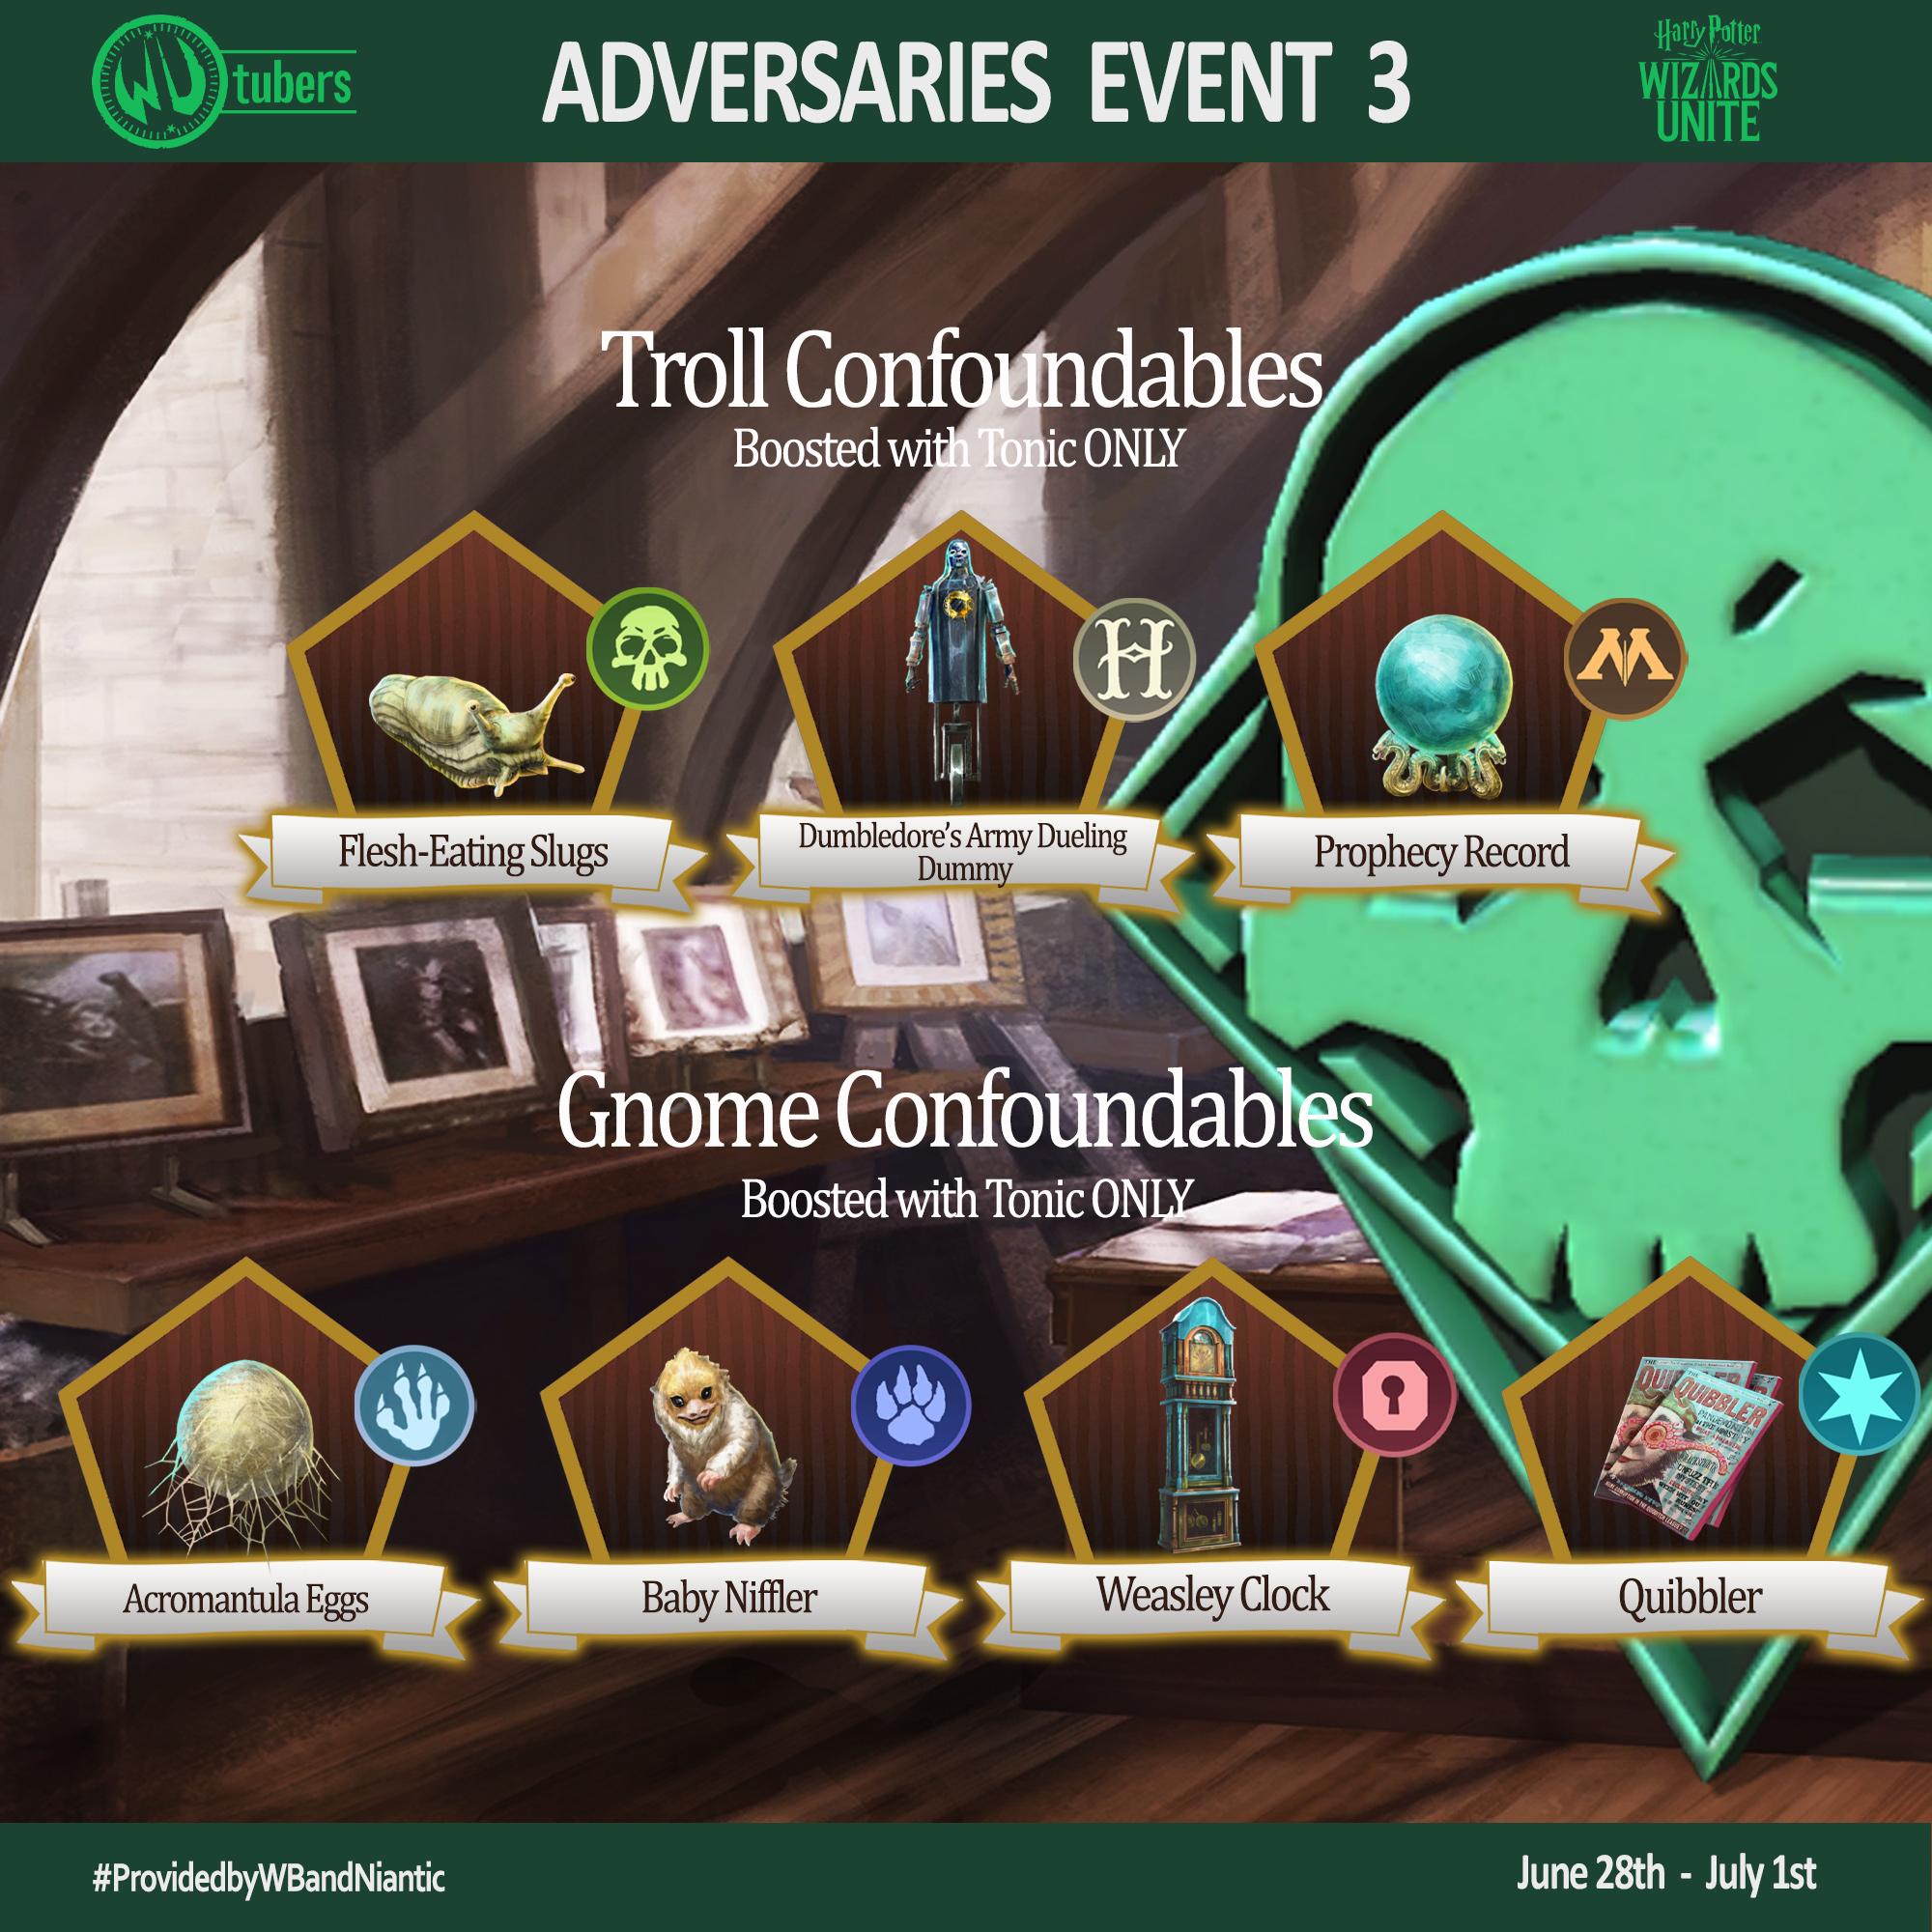 June_ADV_3_Gnome__Troll_Confoundables.jpg